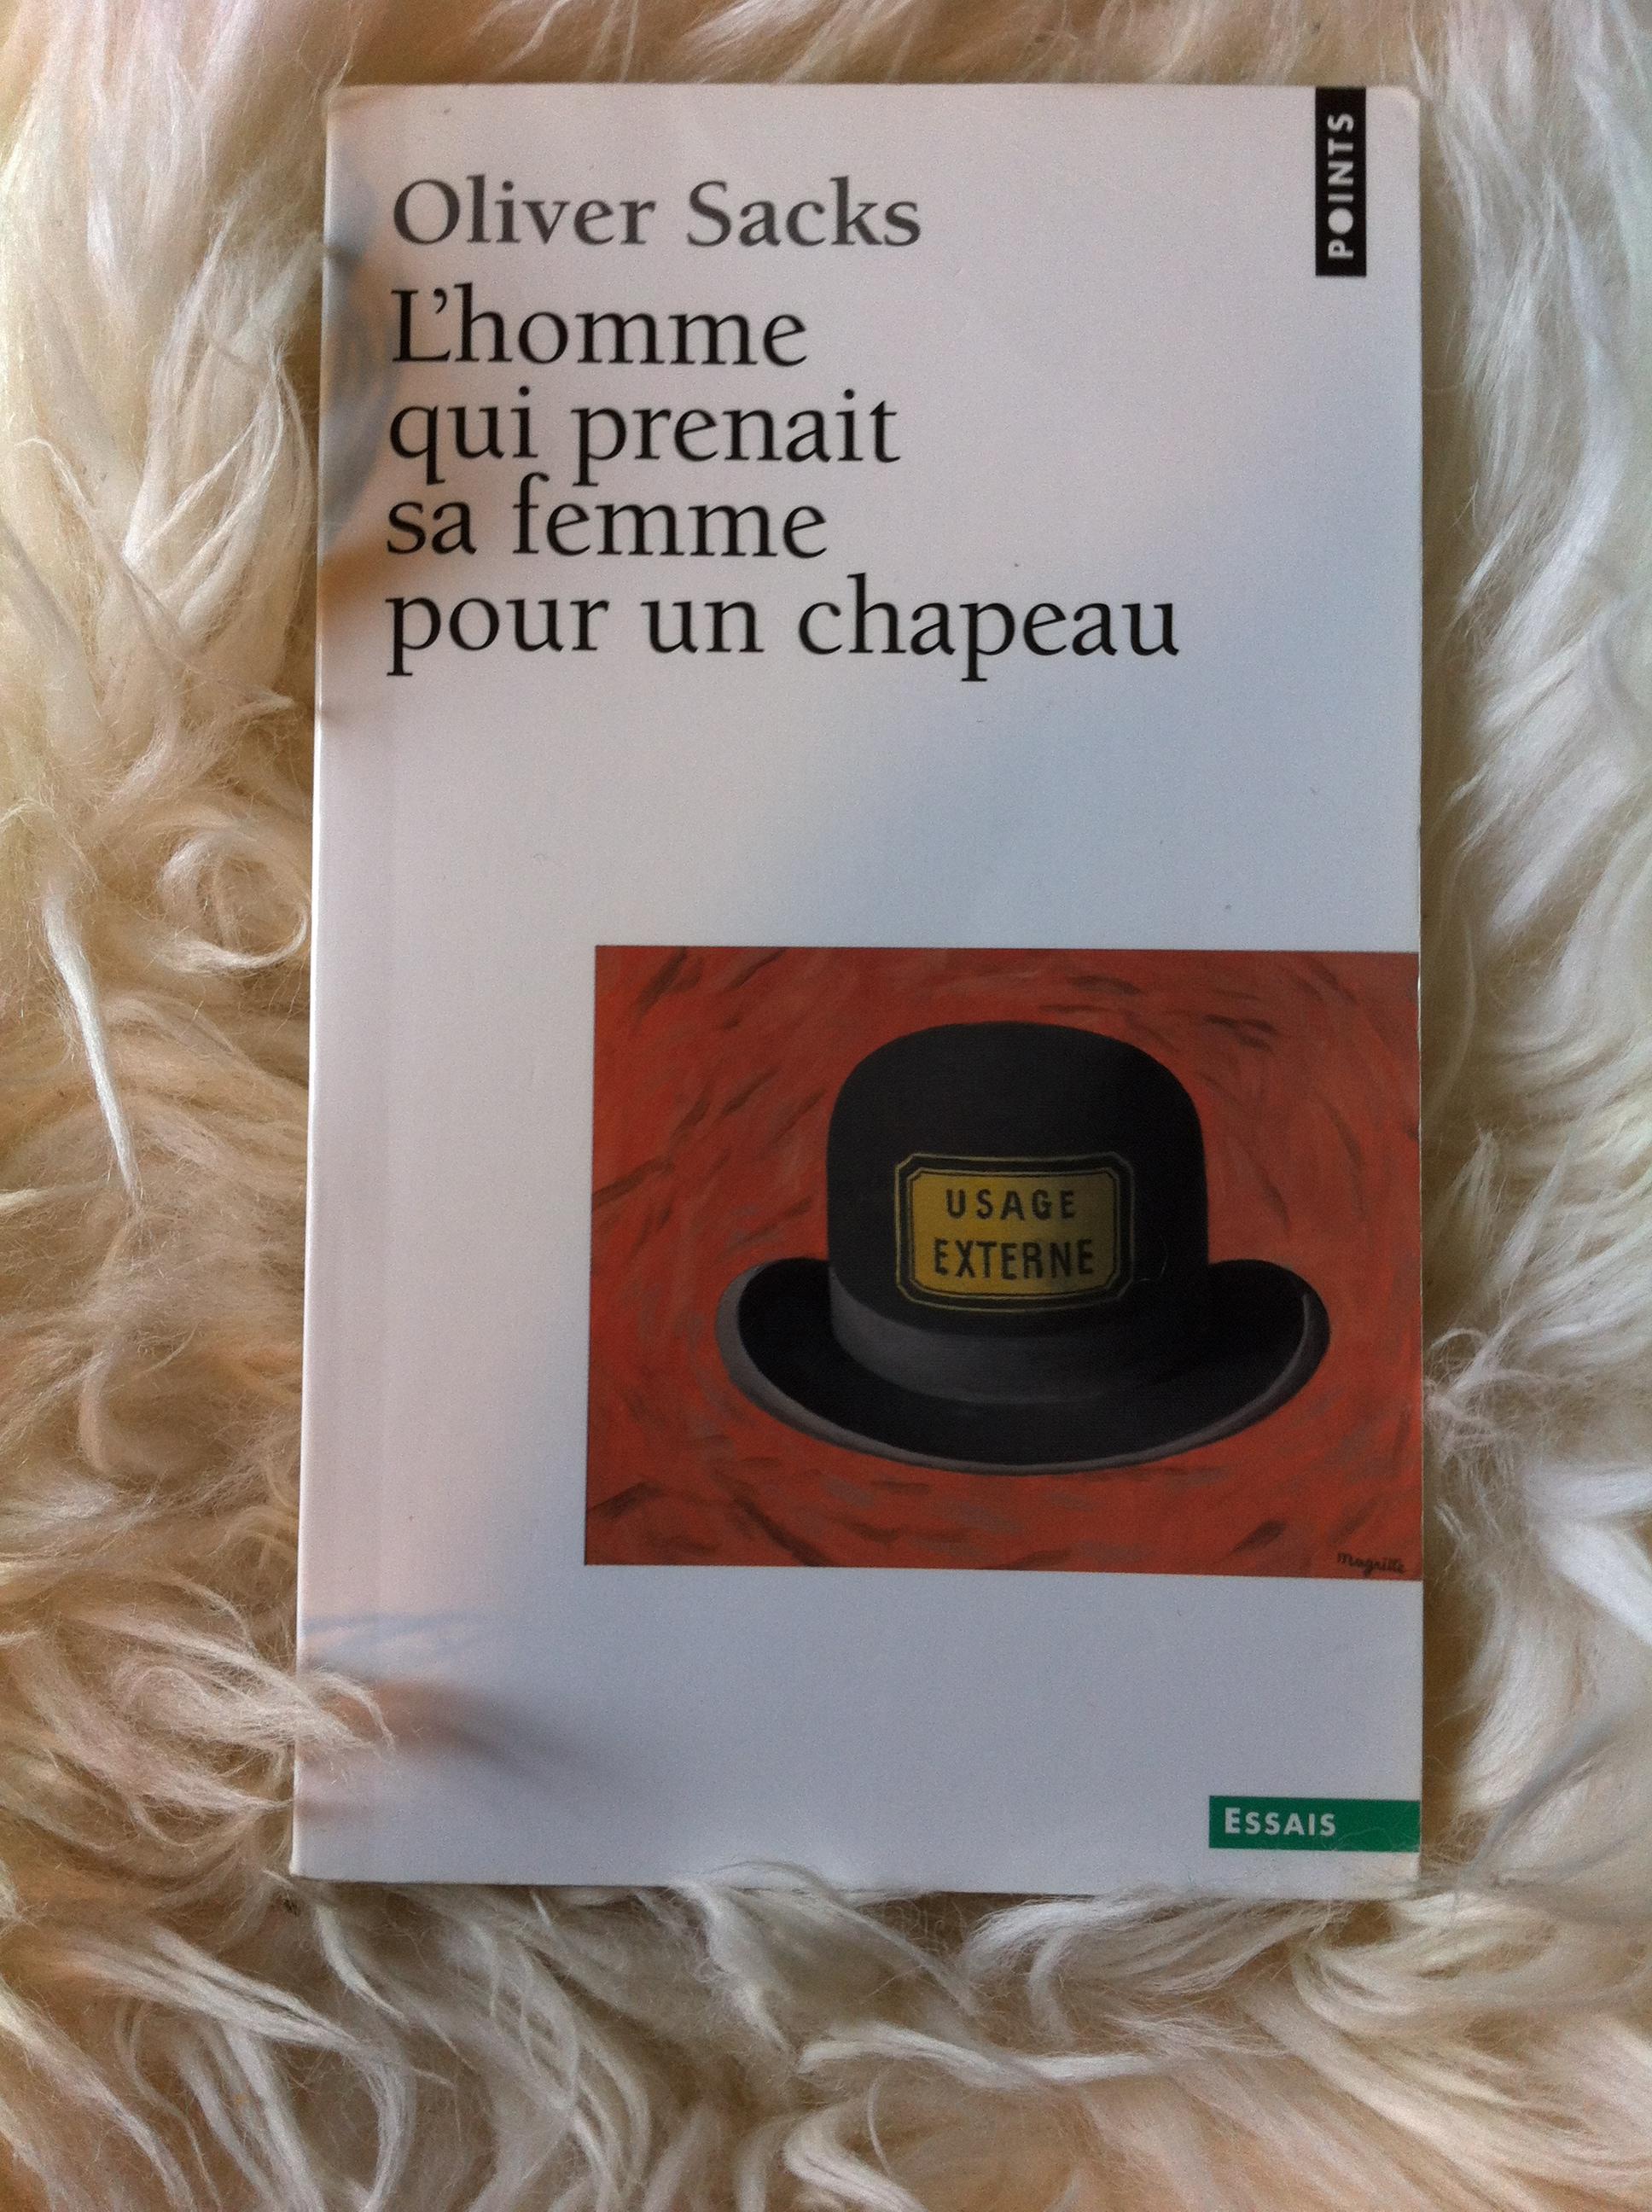 L'homme Qui Prenait Sa Femme Pour Un Chapeau : l'homme, prenait, femme, chapeau, L'homme, Prenait, Femme, Chapeau, Bibliothèque, Neuropsychologue